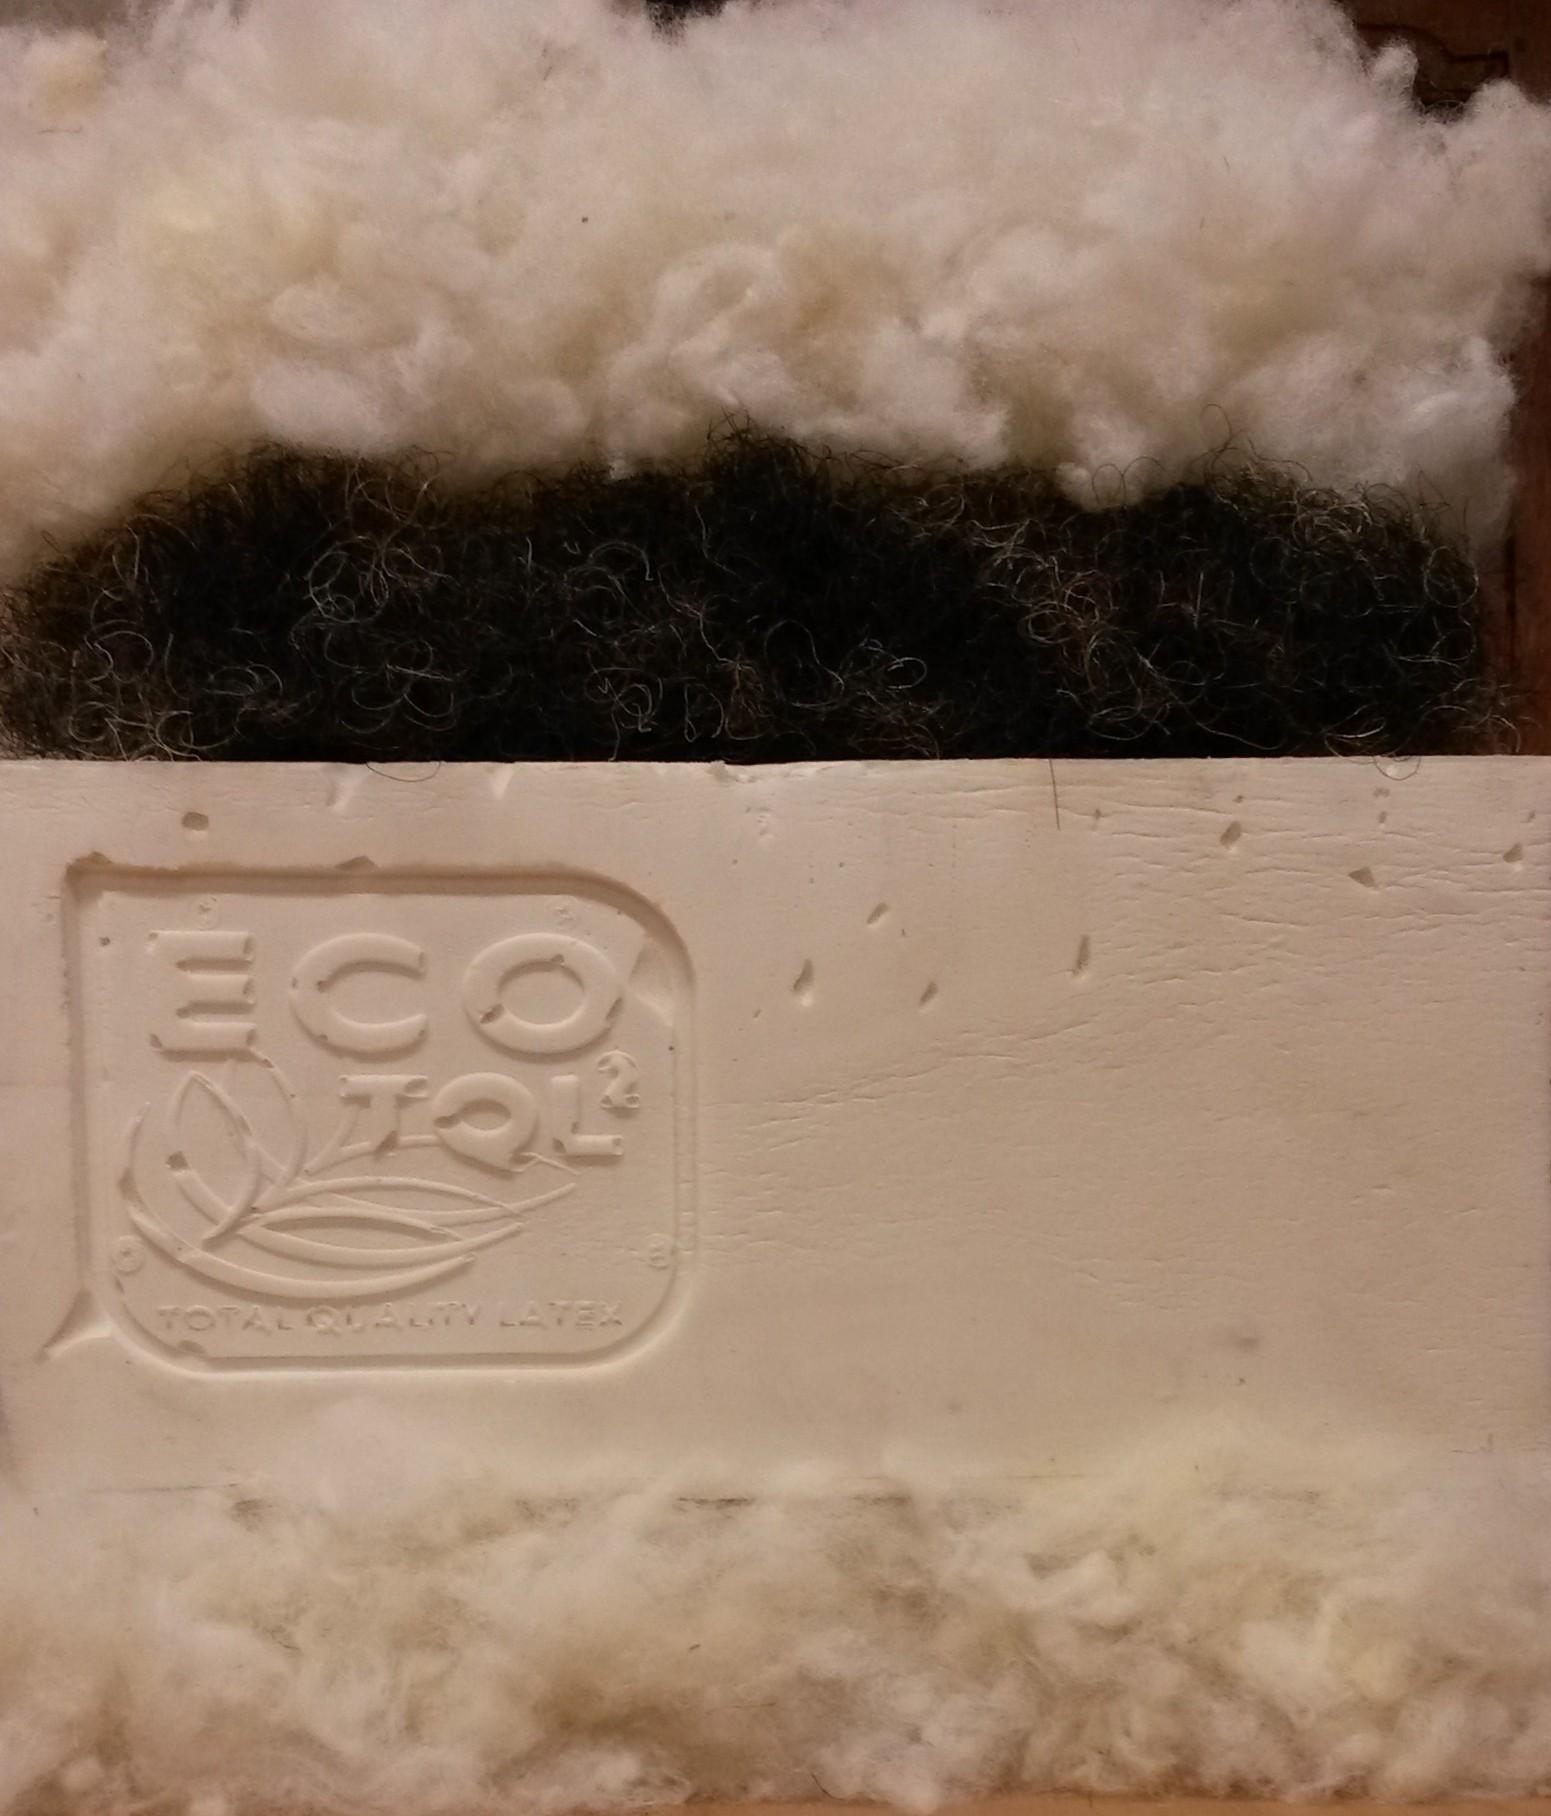 Matelas latex bio Multizone Densité médium 16 cm Garnissage laine et crin